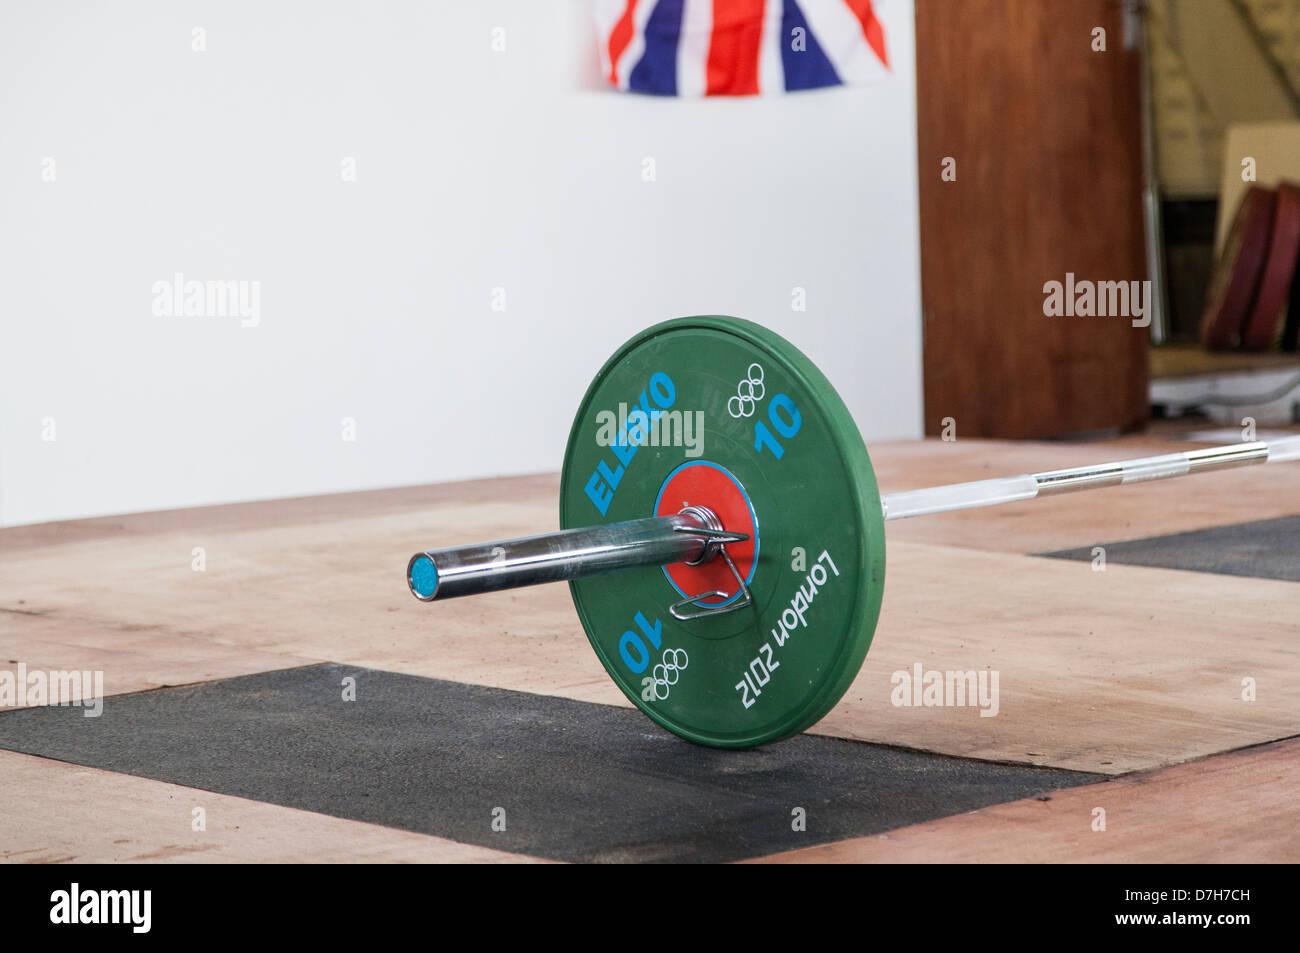 La Halterofilia, placas de Londres 2012 Olympic bar GB Pabellón weightlifting británico Imagen De Stock